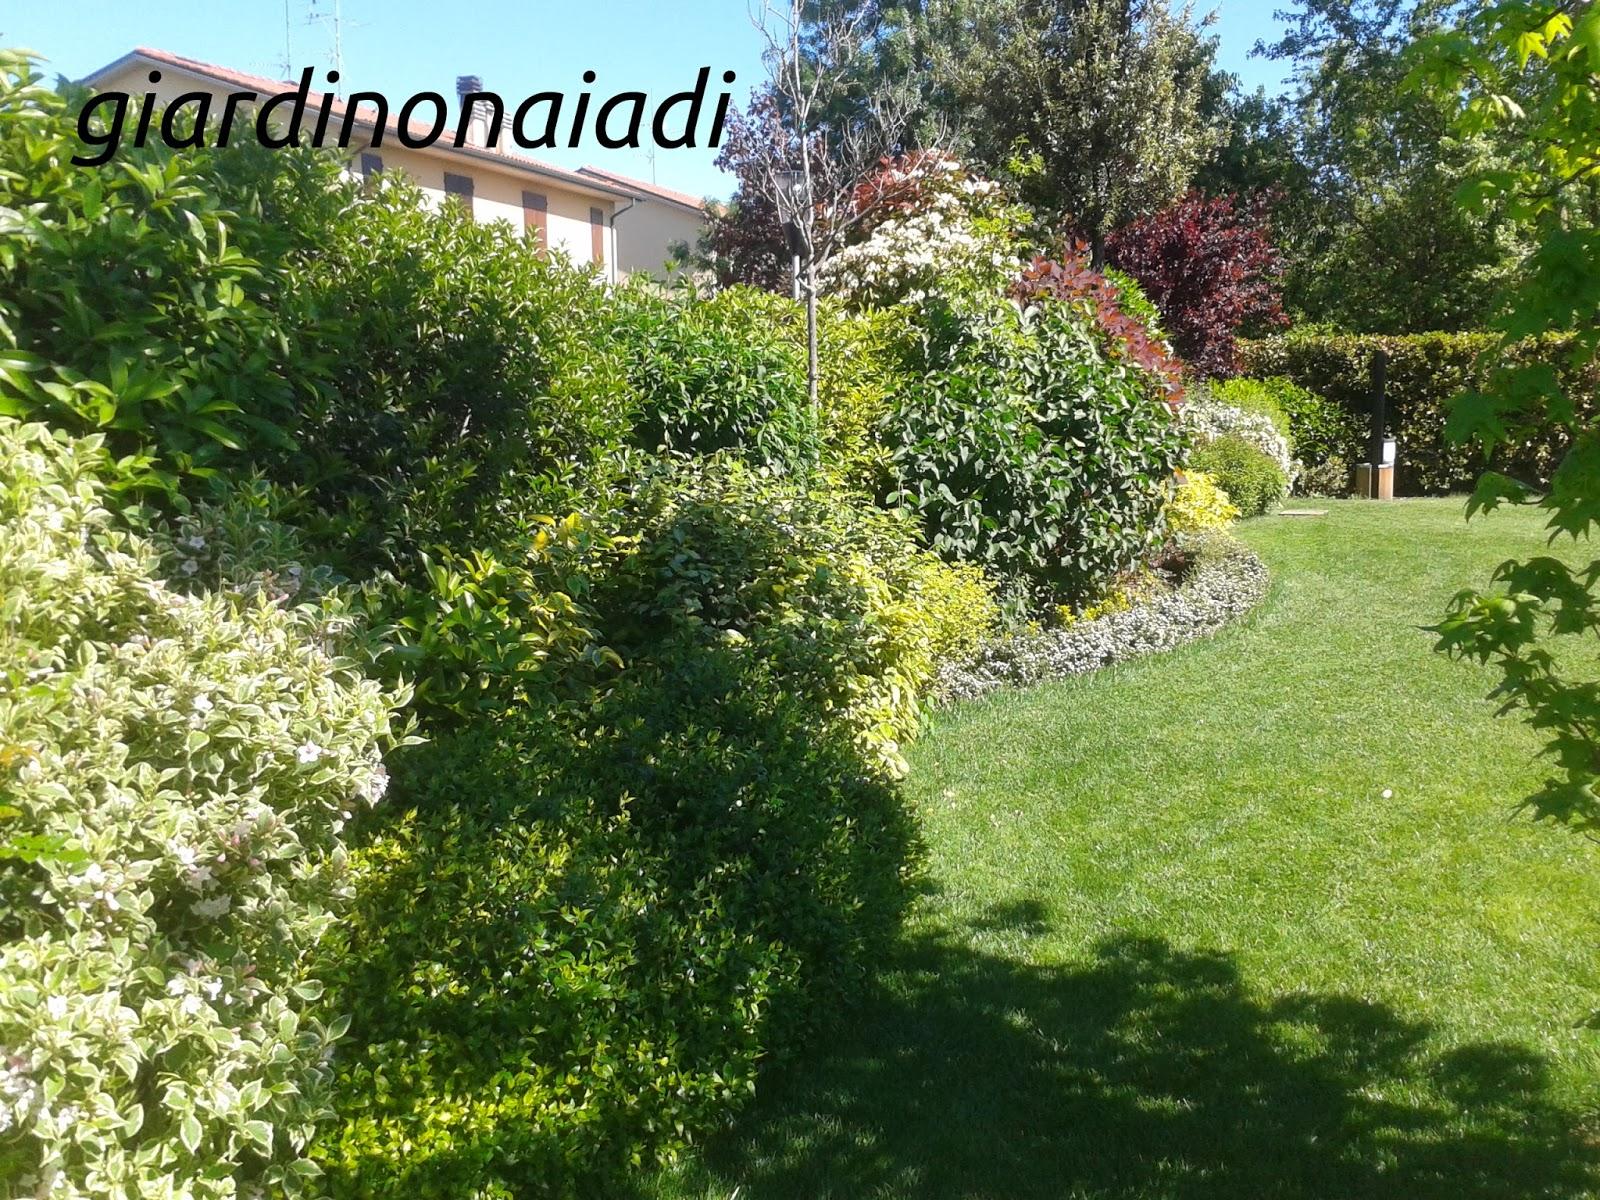 Piante Perenni Per Aiuole il giardino delle naiadi: progettare bordure e aiuole prima